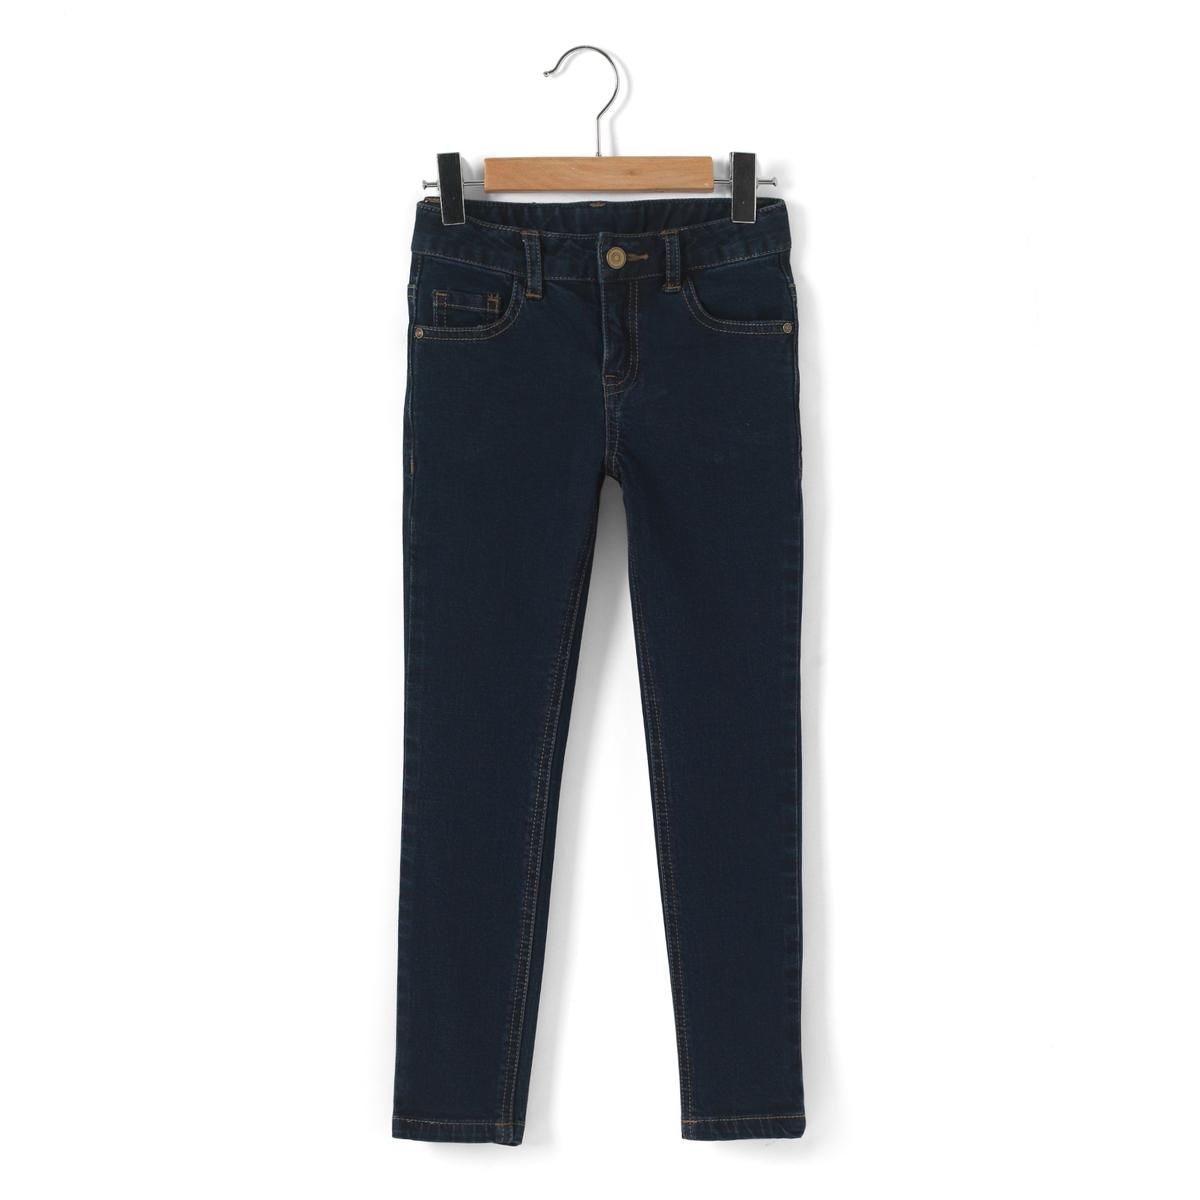 Джинсы узкие, 10-16 лет джинсы узкие для 8 16 лет